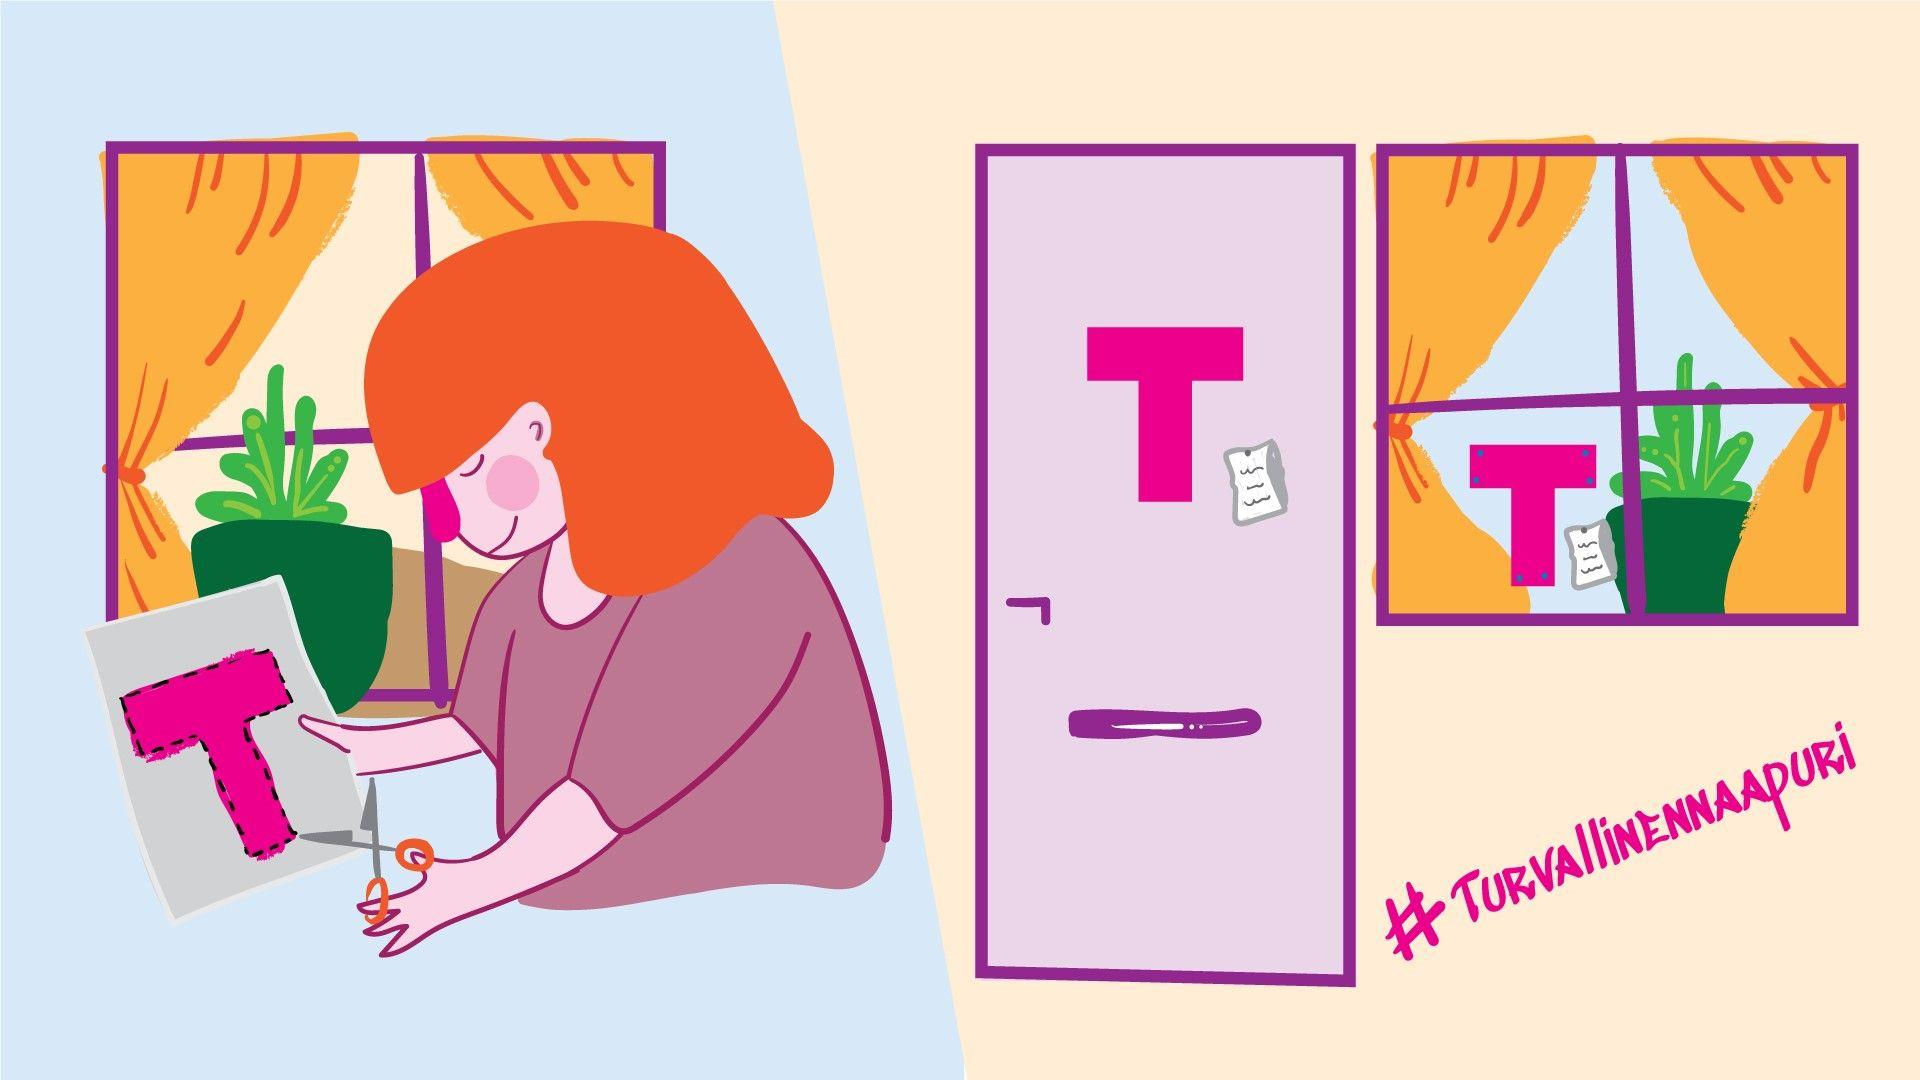 Piirroskuva: Vasemmalla kuva naisestra, joka leikkaa saksilla pahvista isoa T-kirjainta. Oikealla on sekä ovessa että ikkunassa samainen T-kirjain.